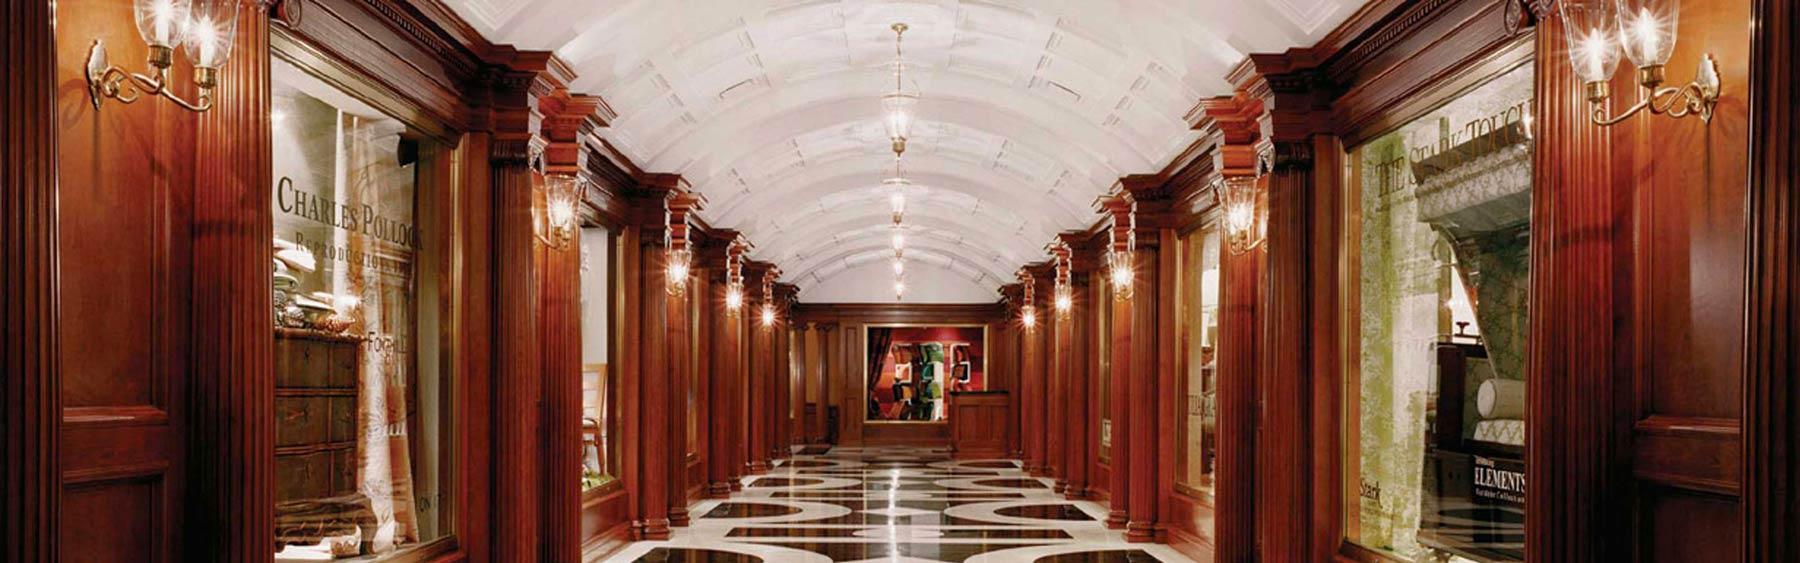 D&D Building - lobby